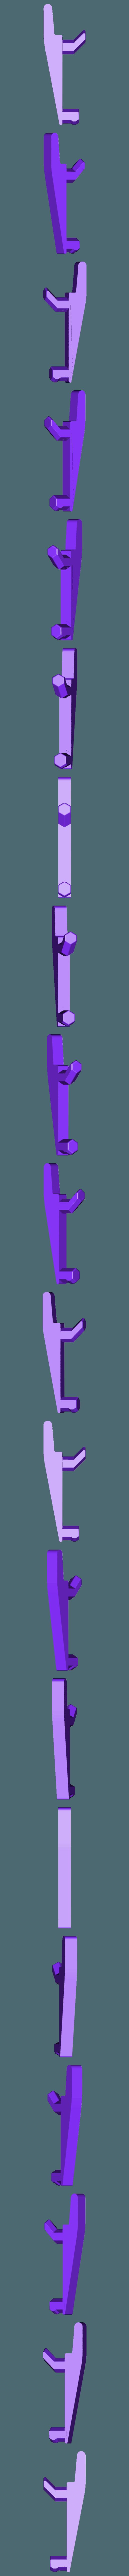 akrobin_clip_hf.stl Télécharger fichier STL gratuit milwaukee m12 cintre à pinces à piles • Objet imprimable en 3D, Punisher_4u